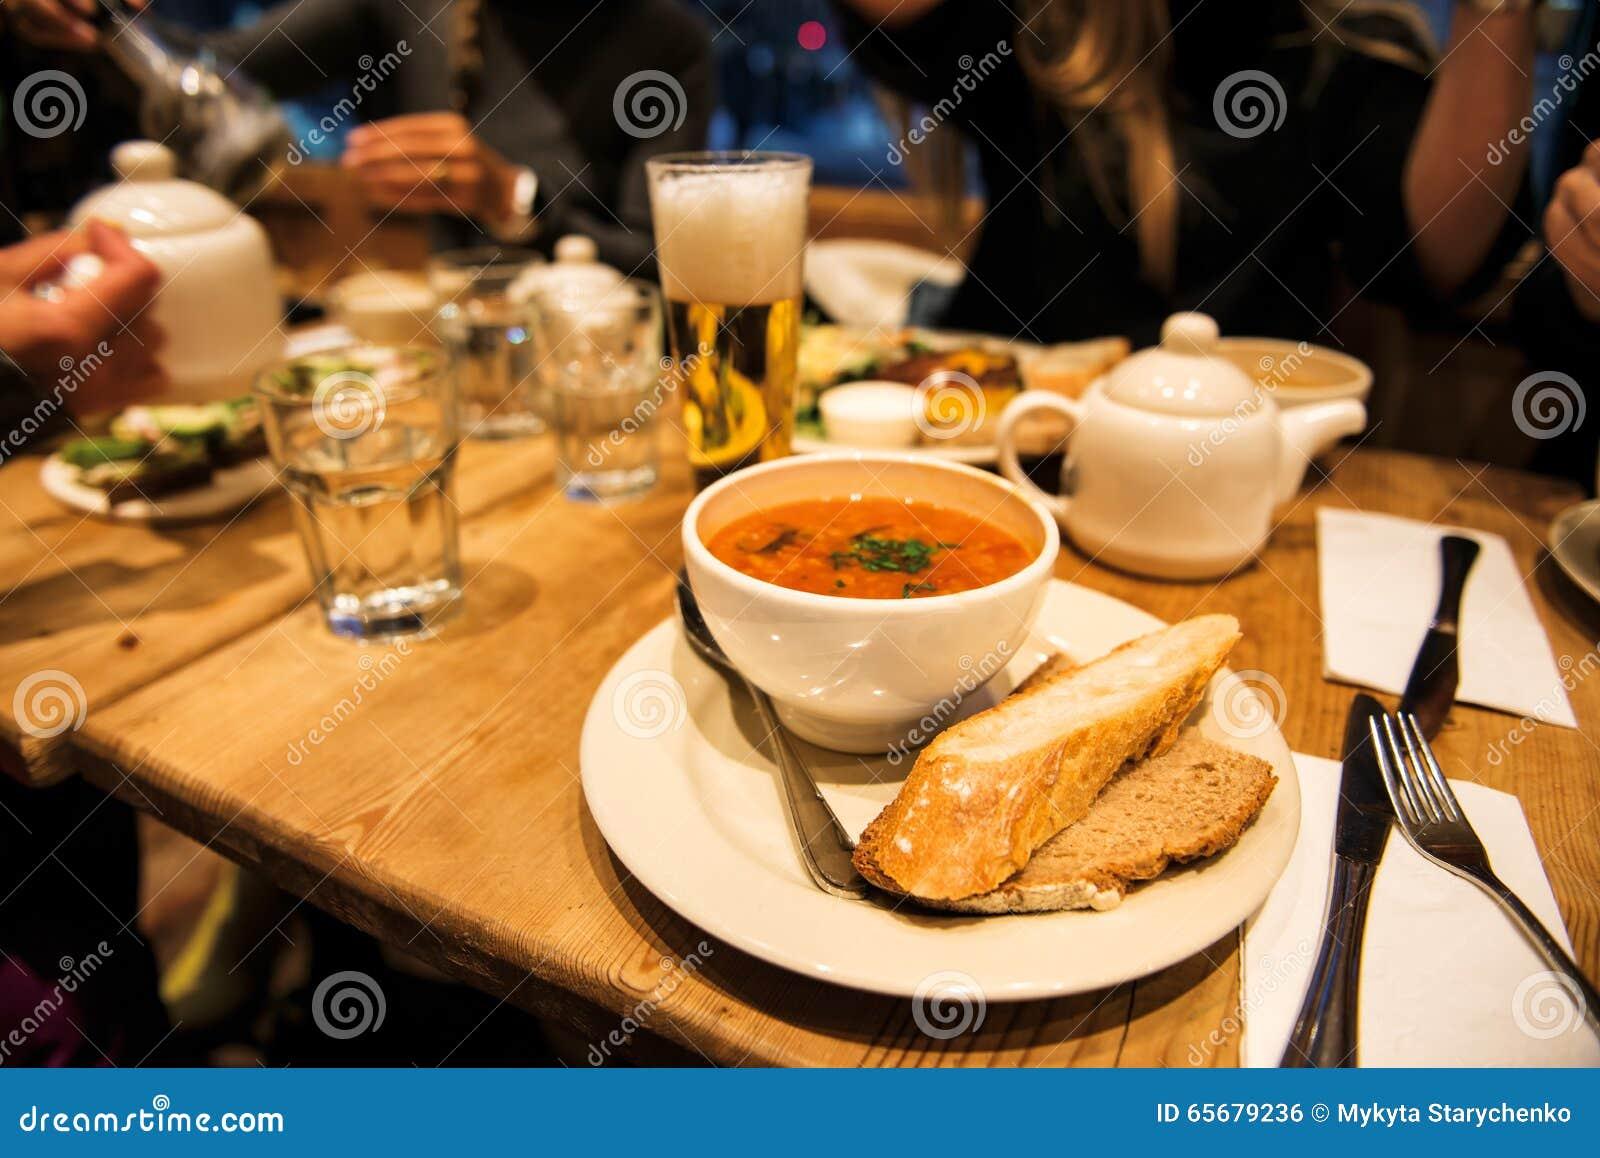 d ner avec des amis dans le restaurant avec la soupe le